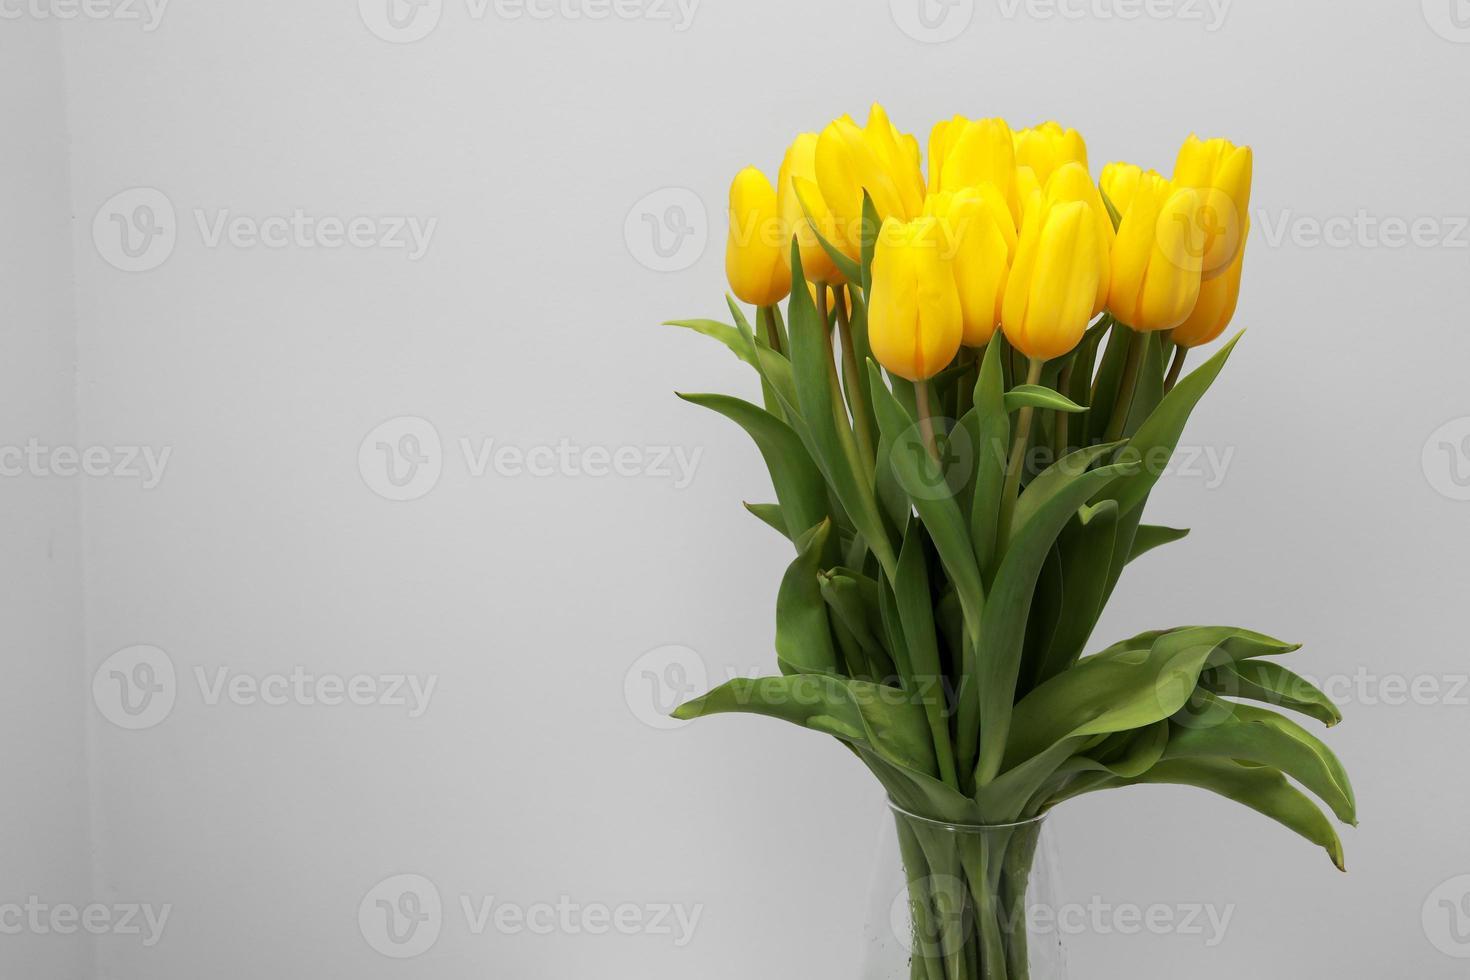 gele tulp bloemen geïsoleerd op een witte achtergrond, voor uw creatieve ontwerp en decoratie foto